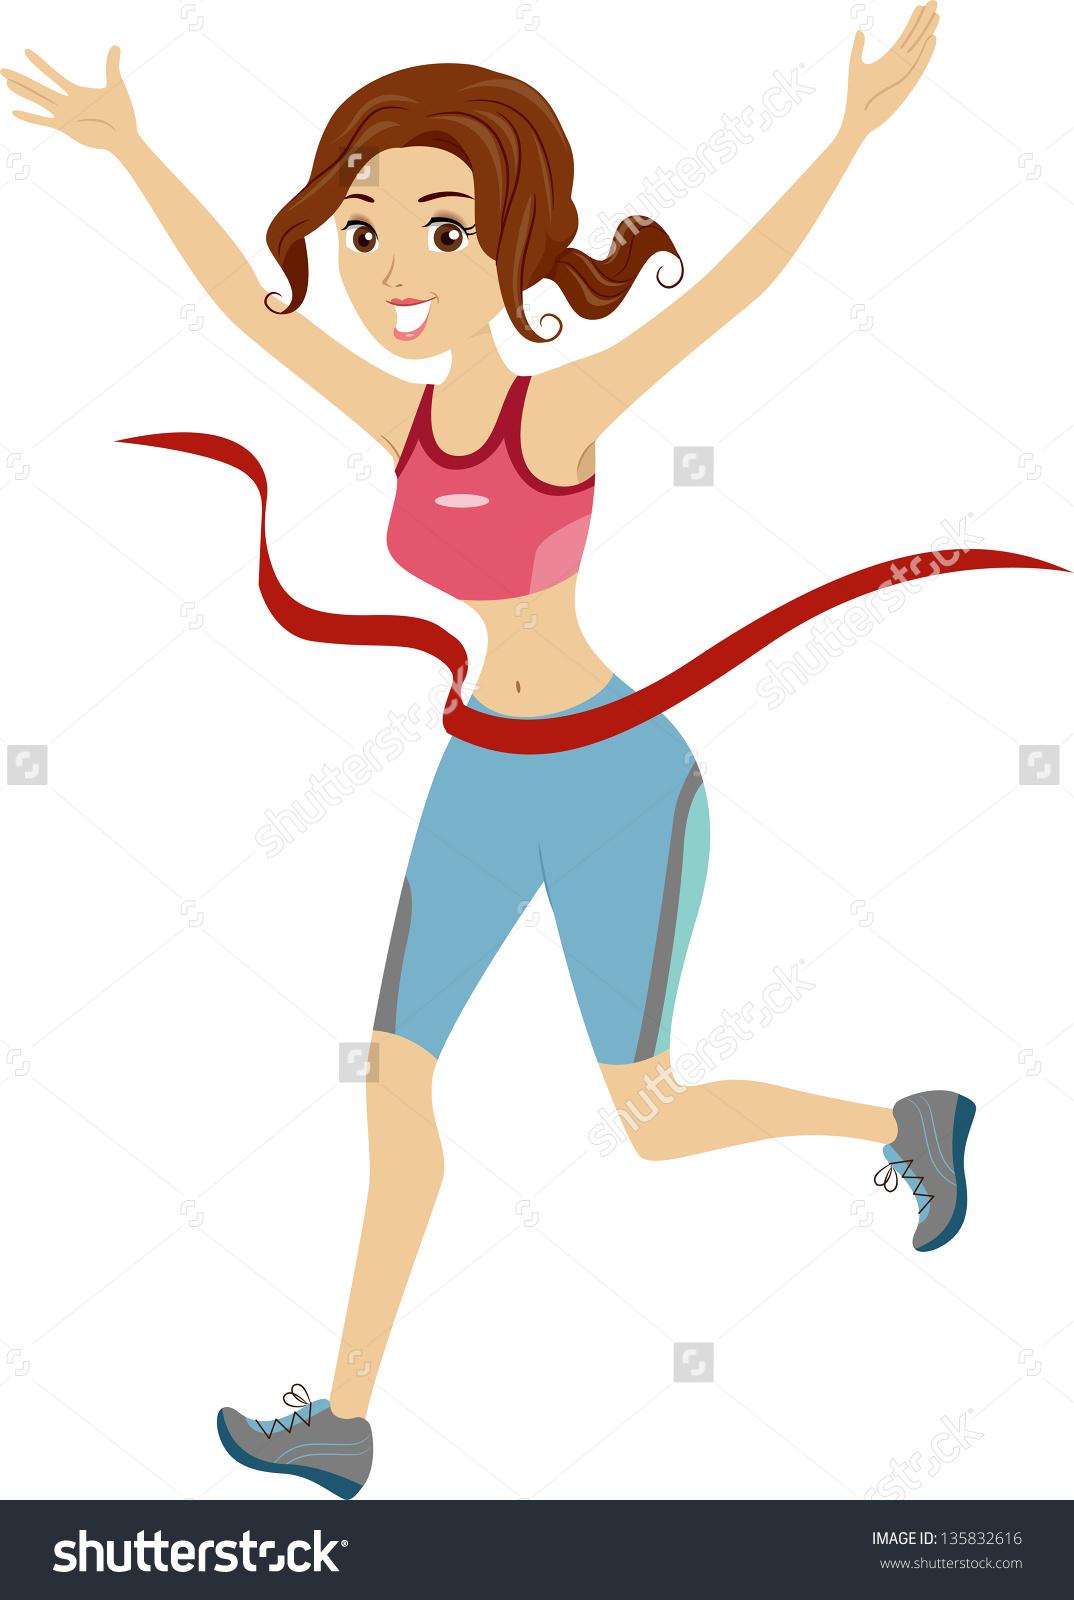 Illustration Girl Marathon Runner Reaching Finish Stock Vector.